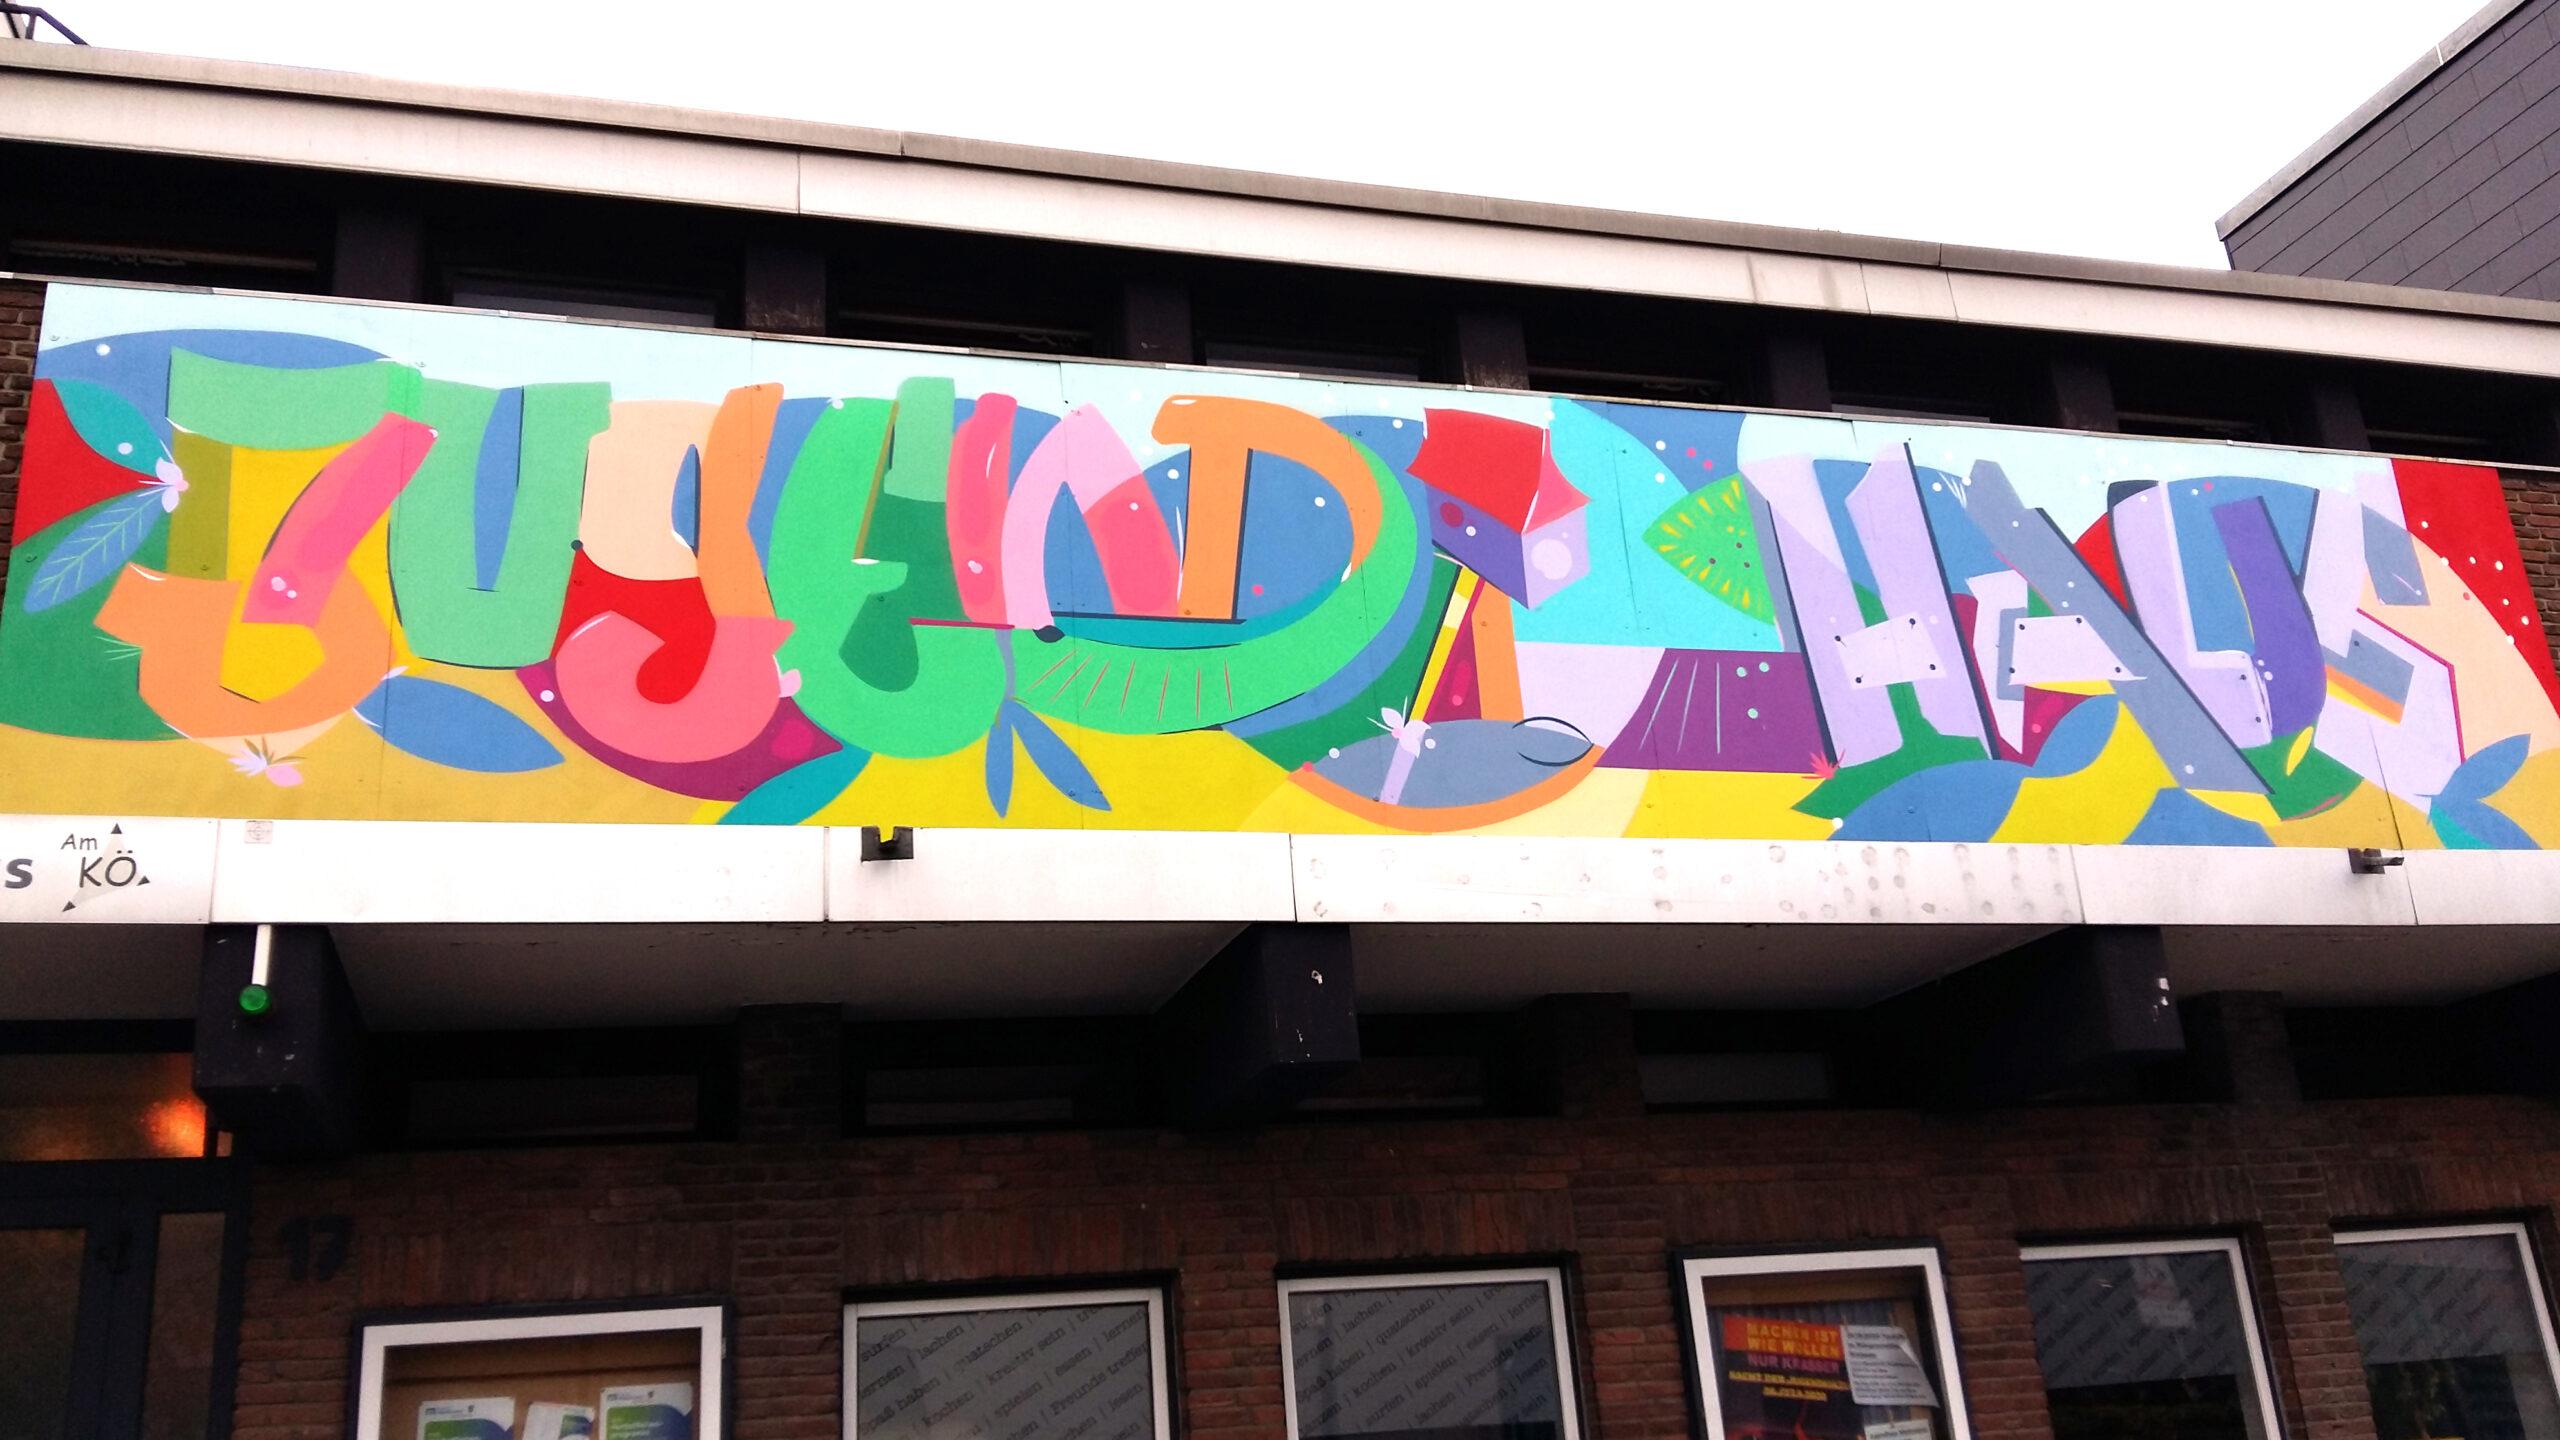 Jugendhaus Mettmann Graffiti